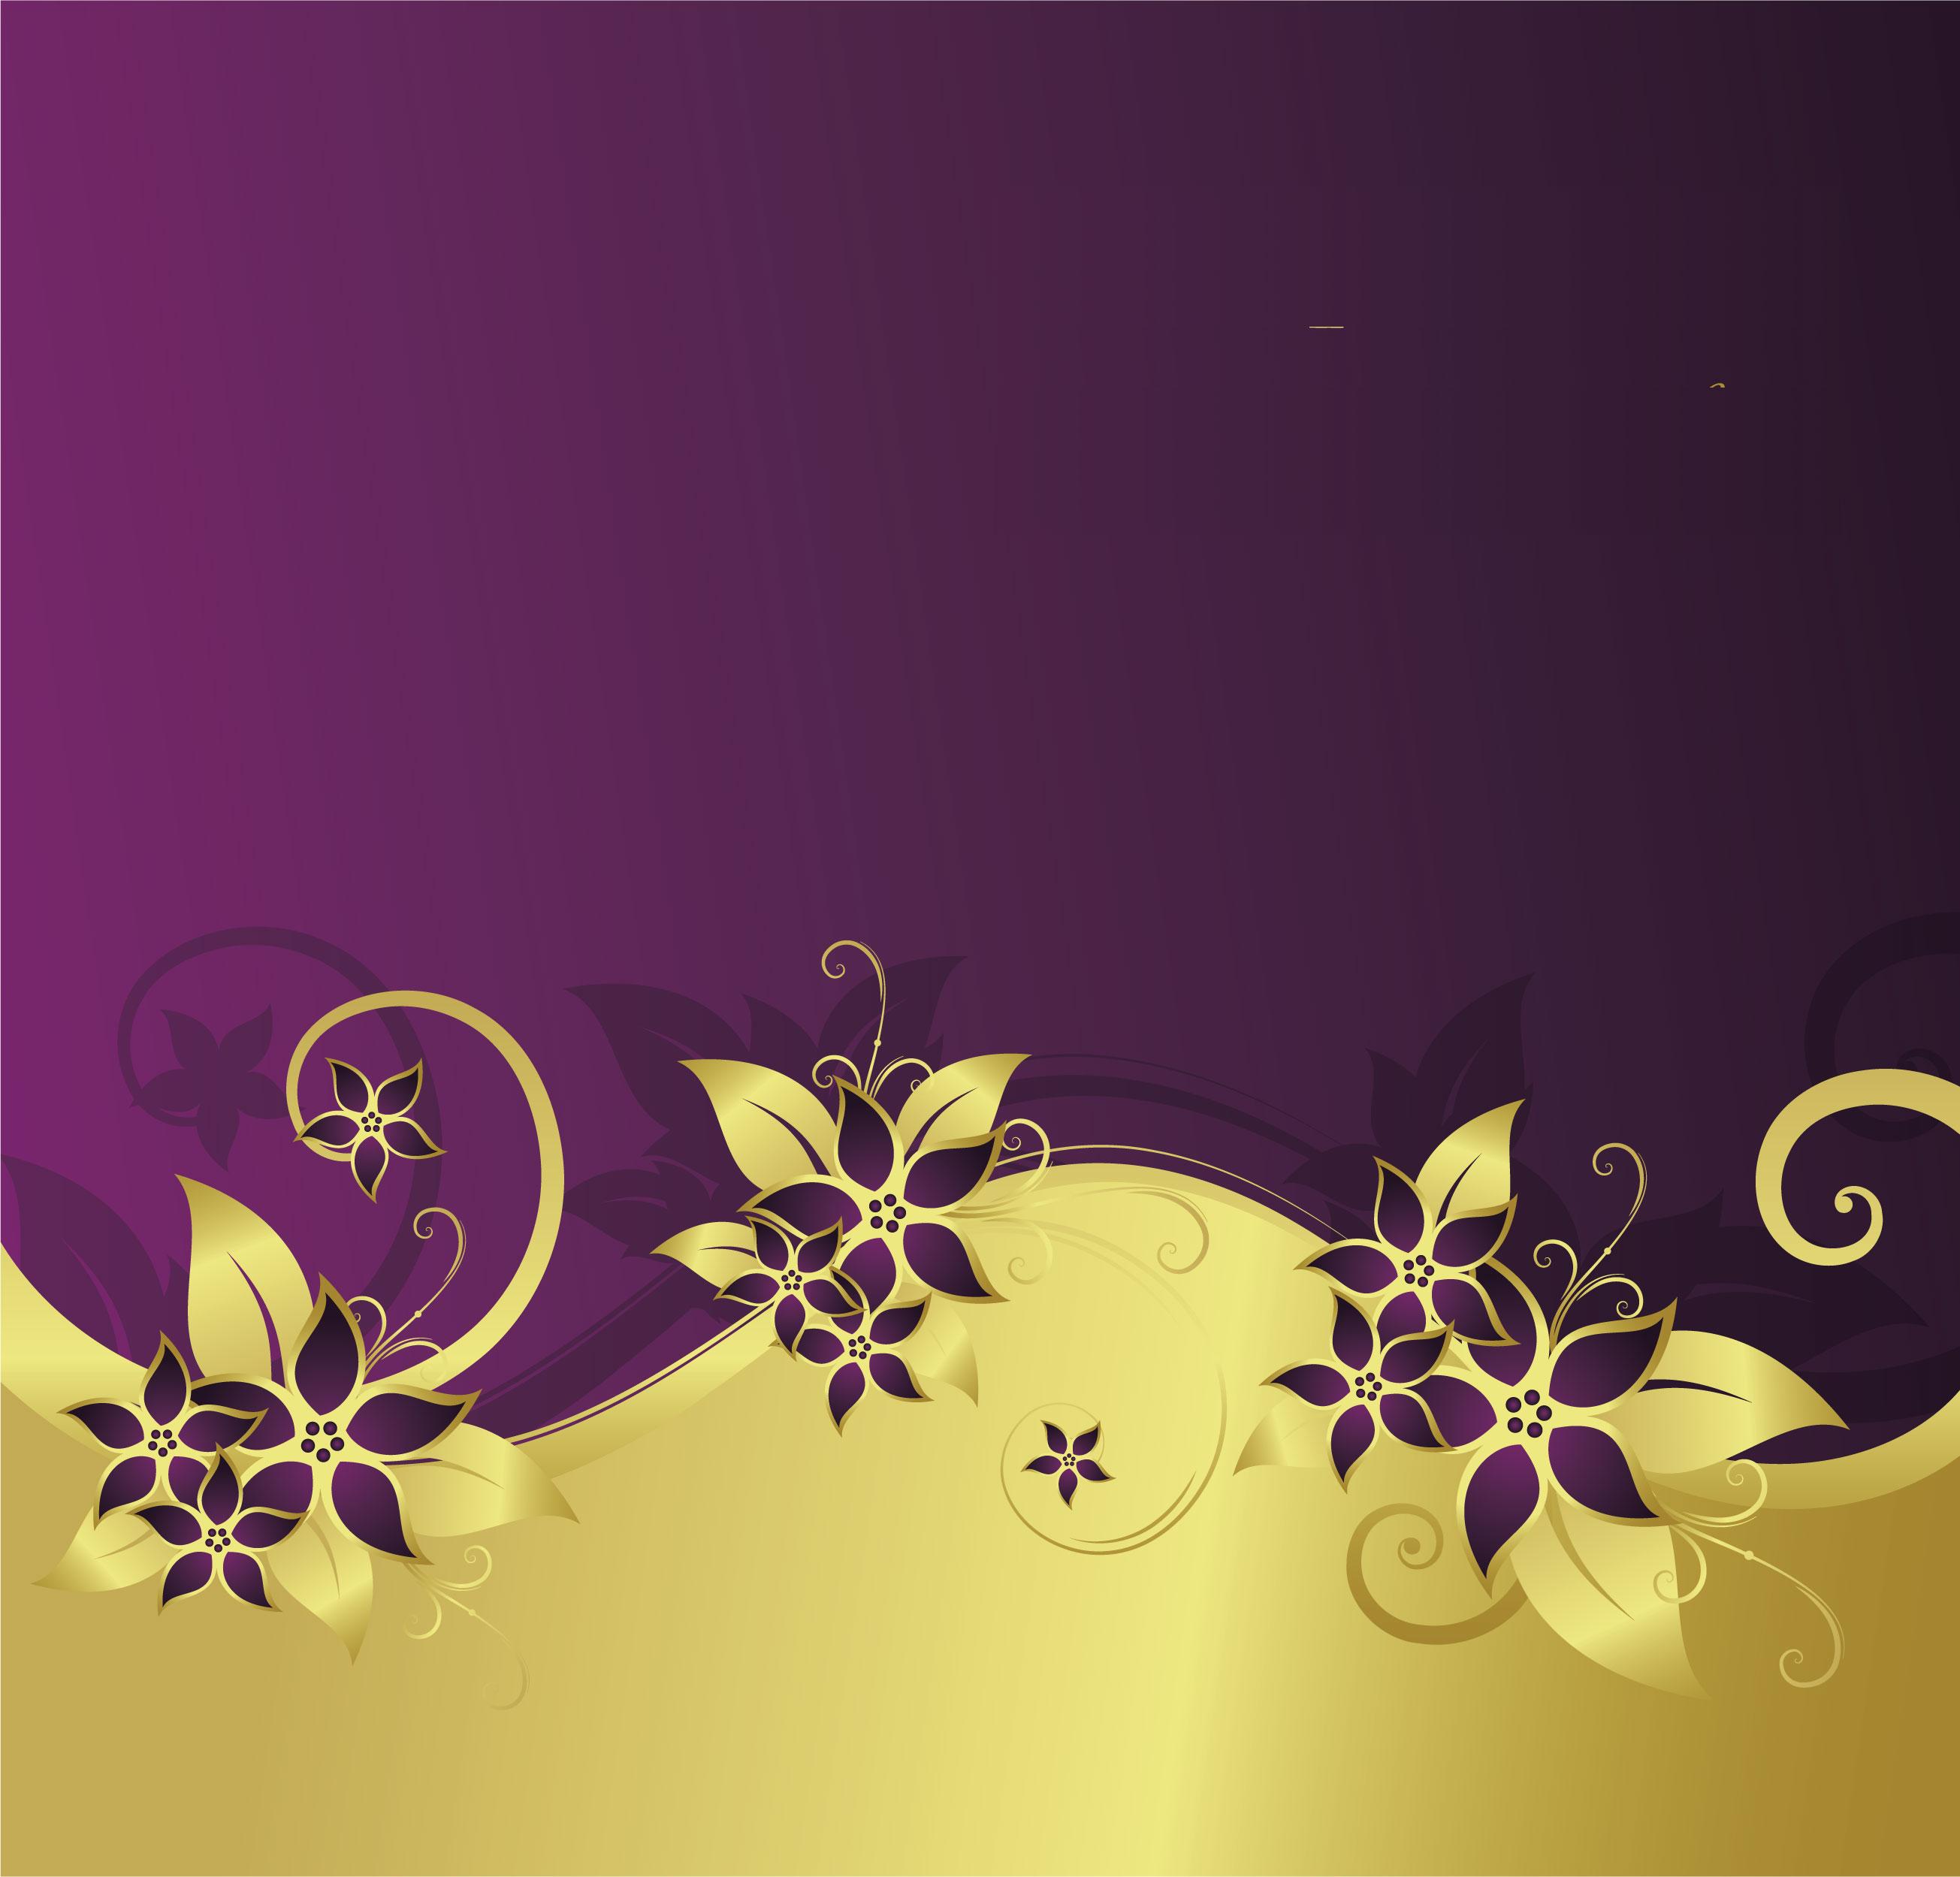 花のイラスト フリー素材 壁紙 背景no 309 紫 ゴールド ゴージャス